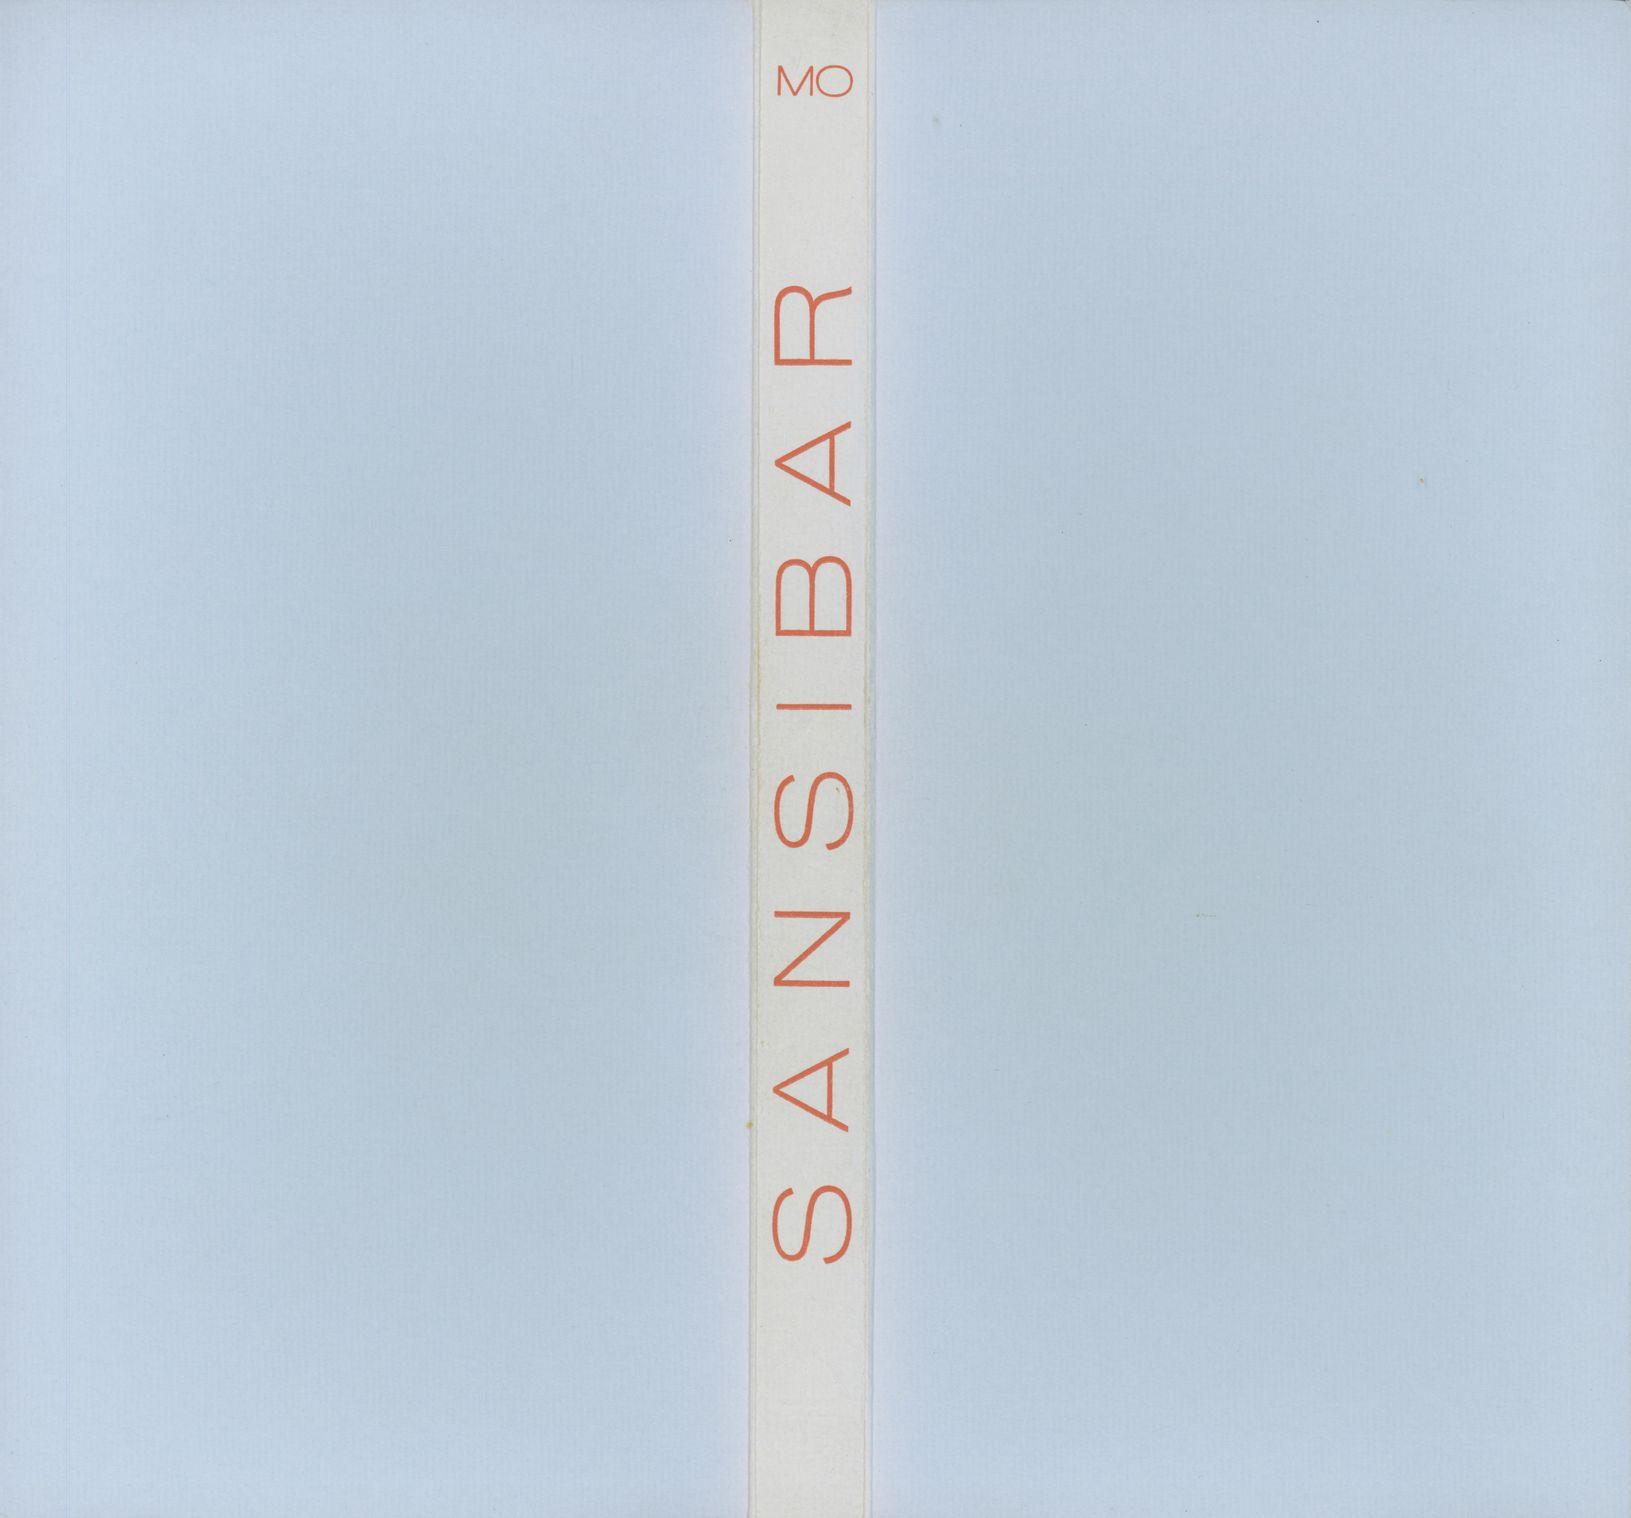 Meret Oppenheim, <br /><em>Sansibar</em>, 1981